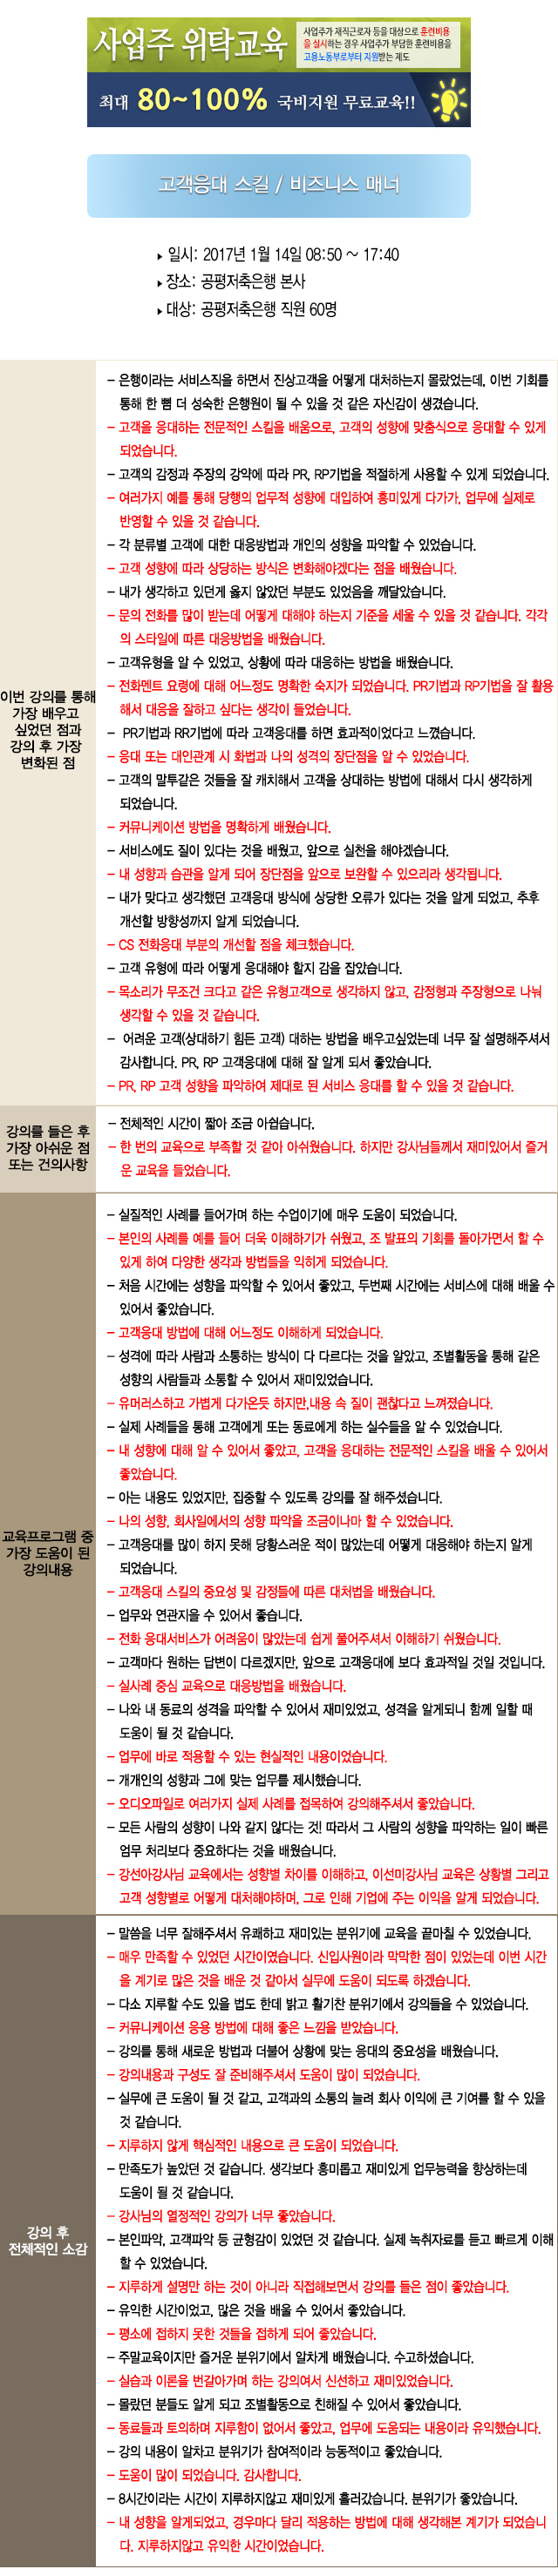 한국중앙인재개발원 후기 공평저축은행.jpg